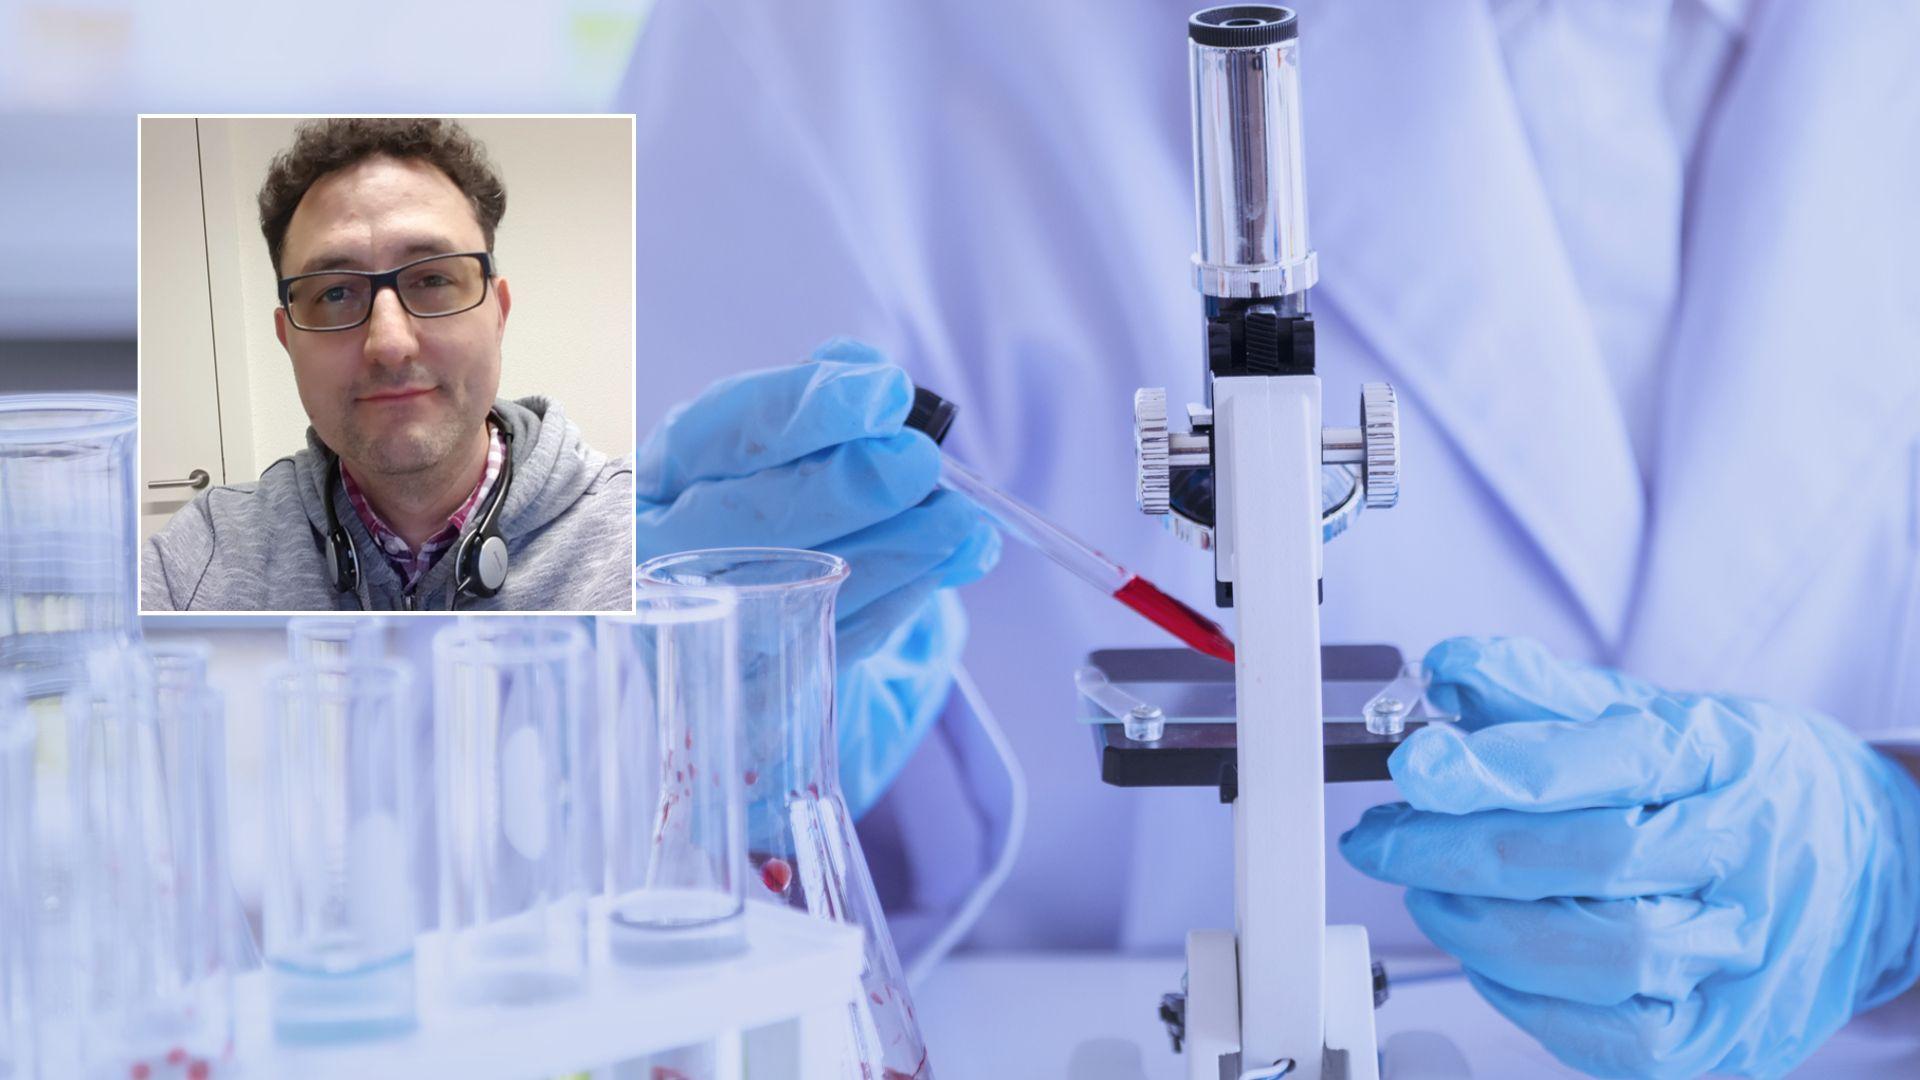 Д-р Аспарух Илиев от Берн специално за Dir.bg: Имаме стотици мутации на коронавируса